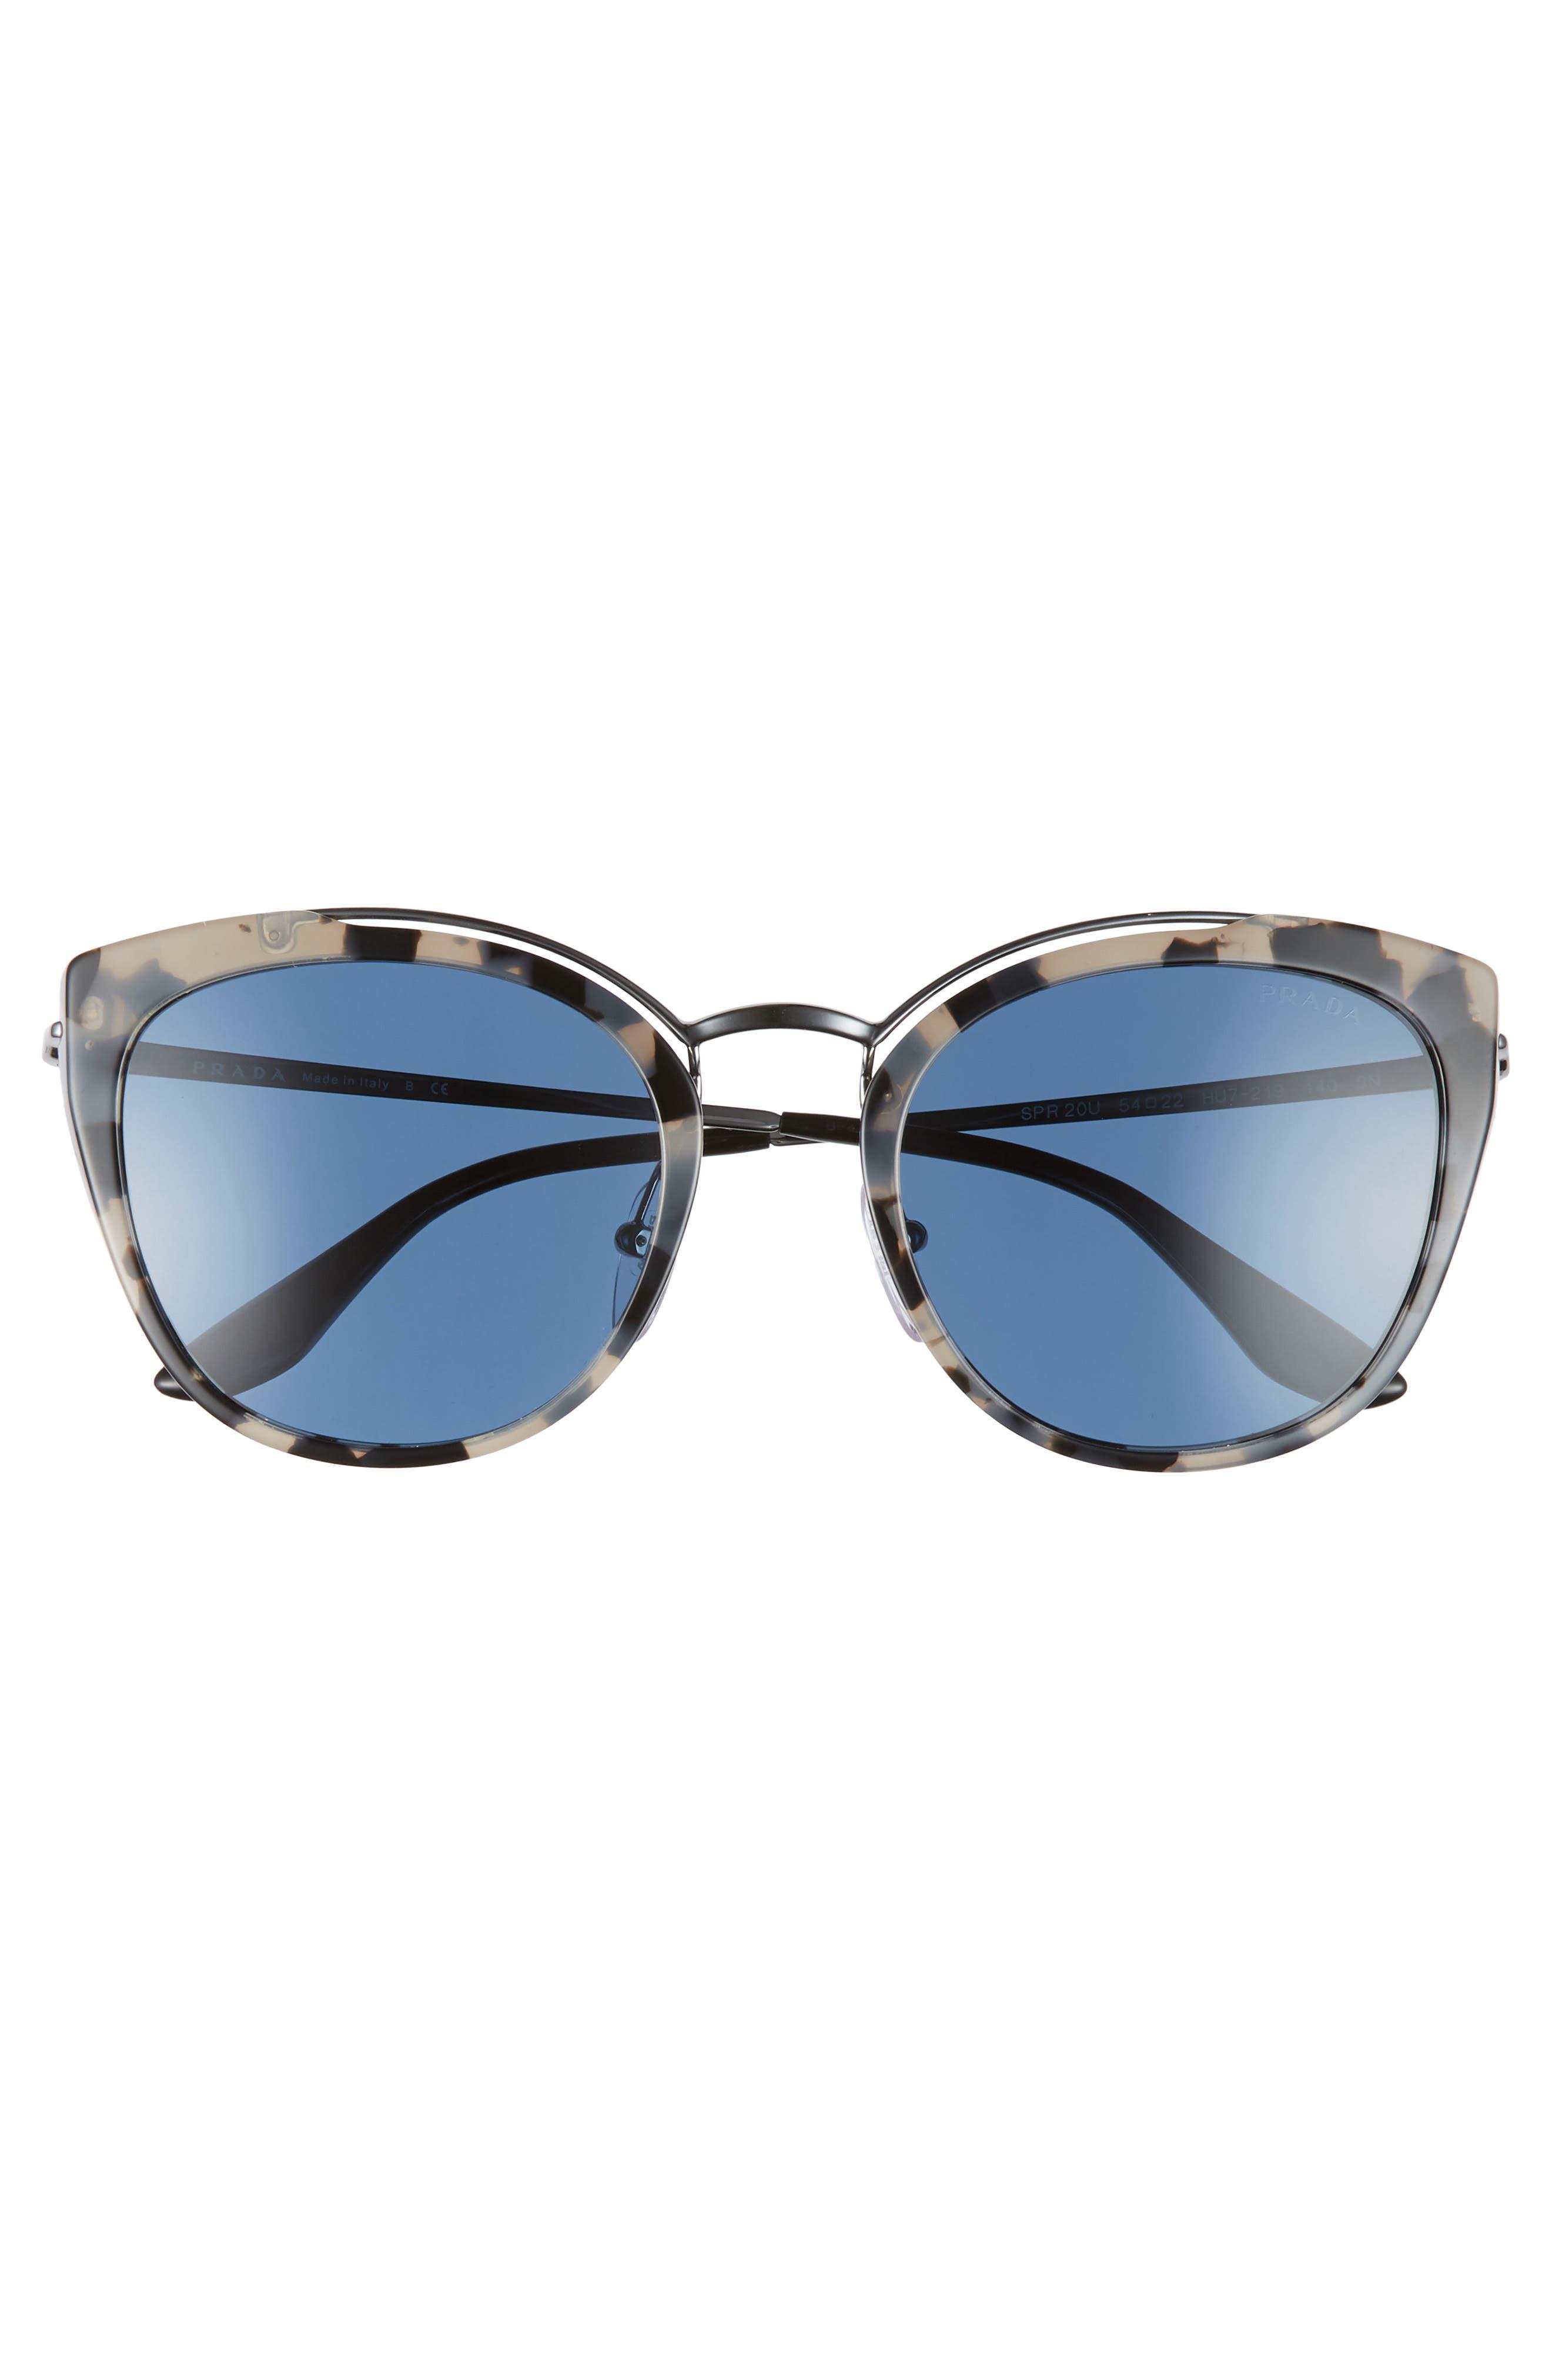 a473aba7f4 Sunglasses Prada for Women